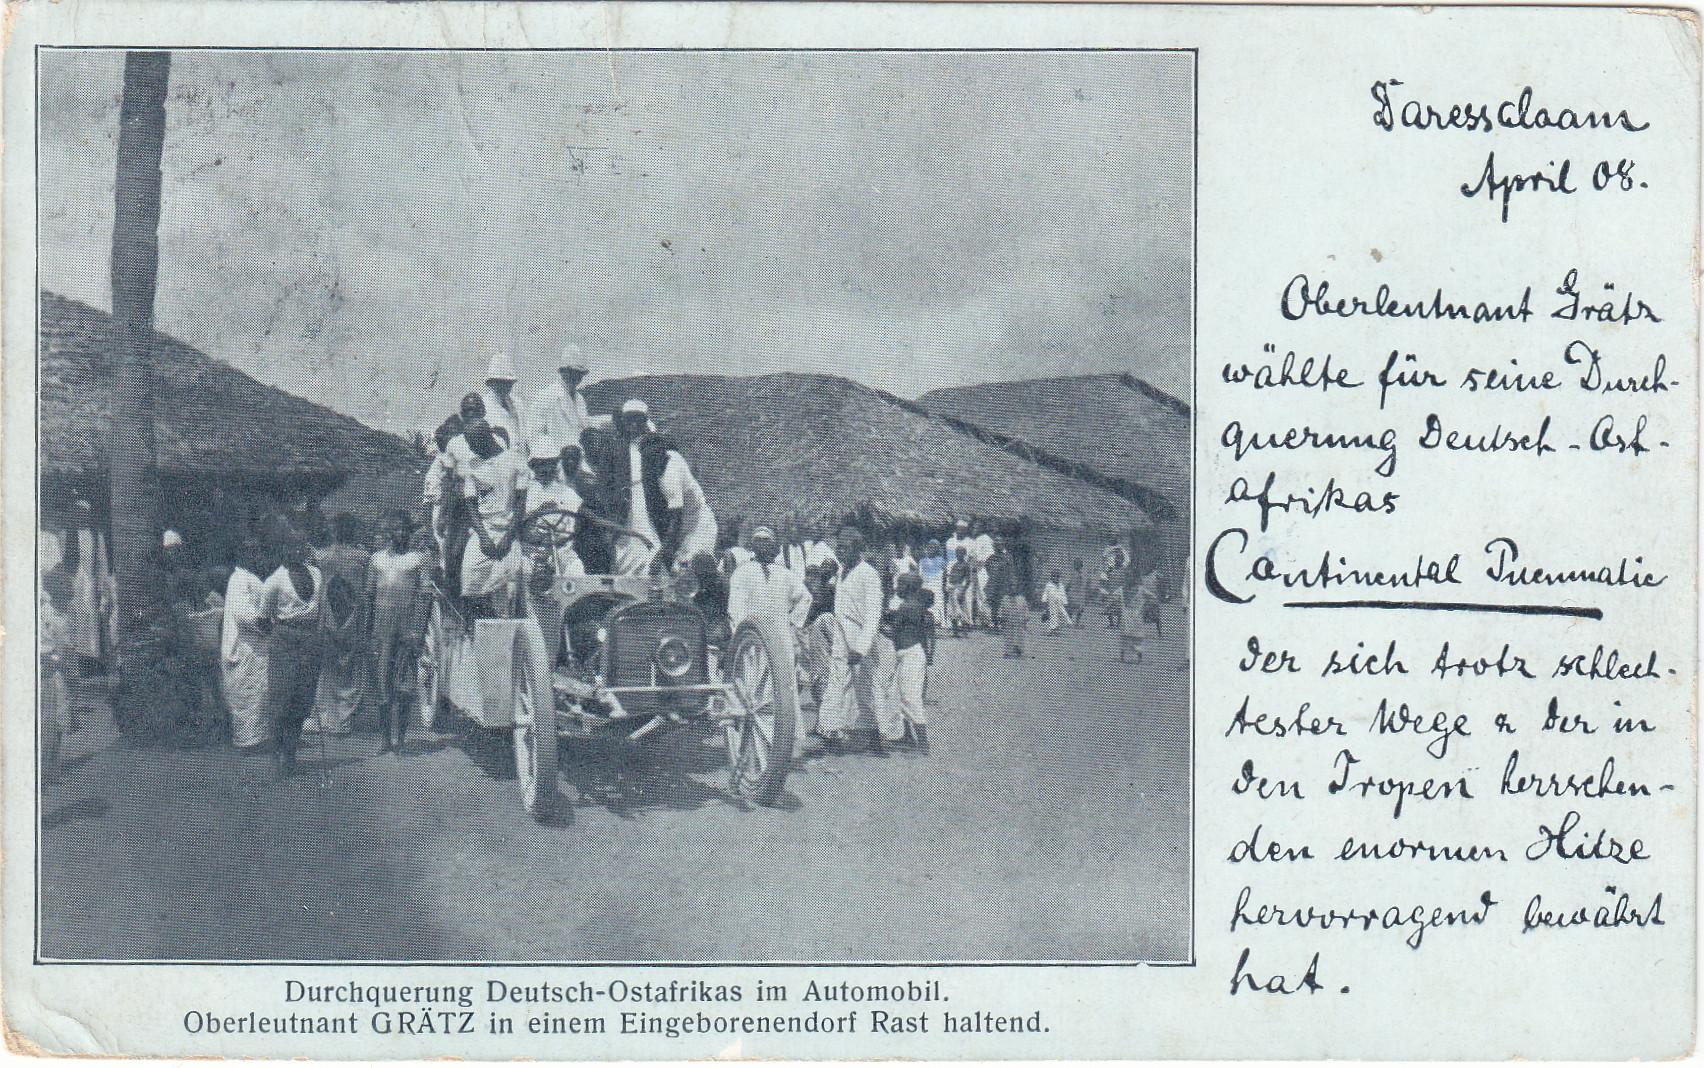 Durchquerung von Deutsch-Ostafrika